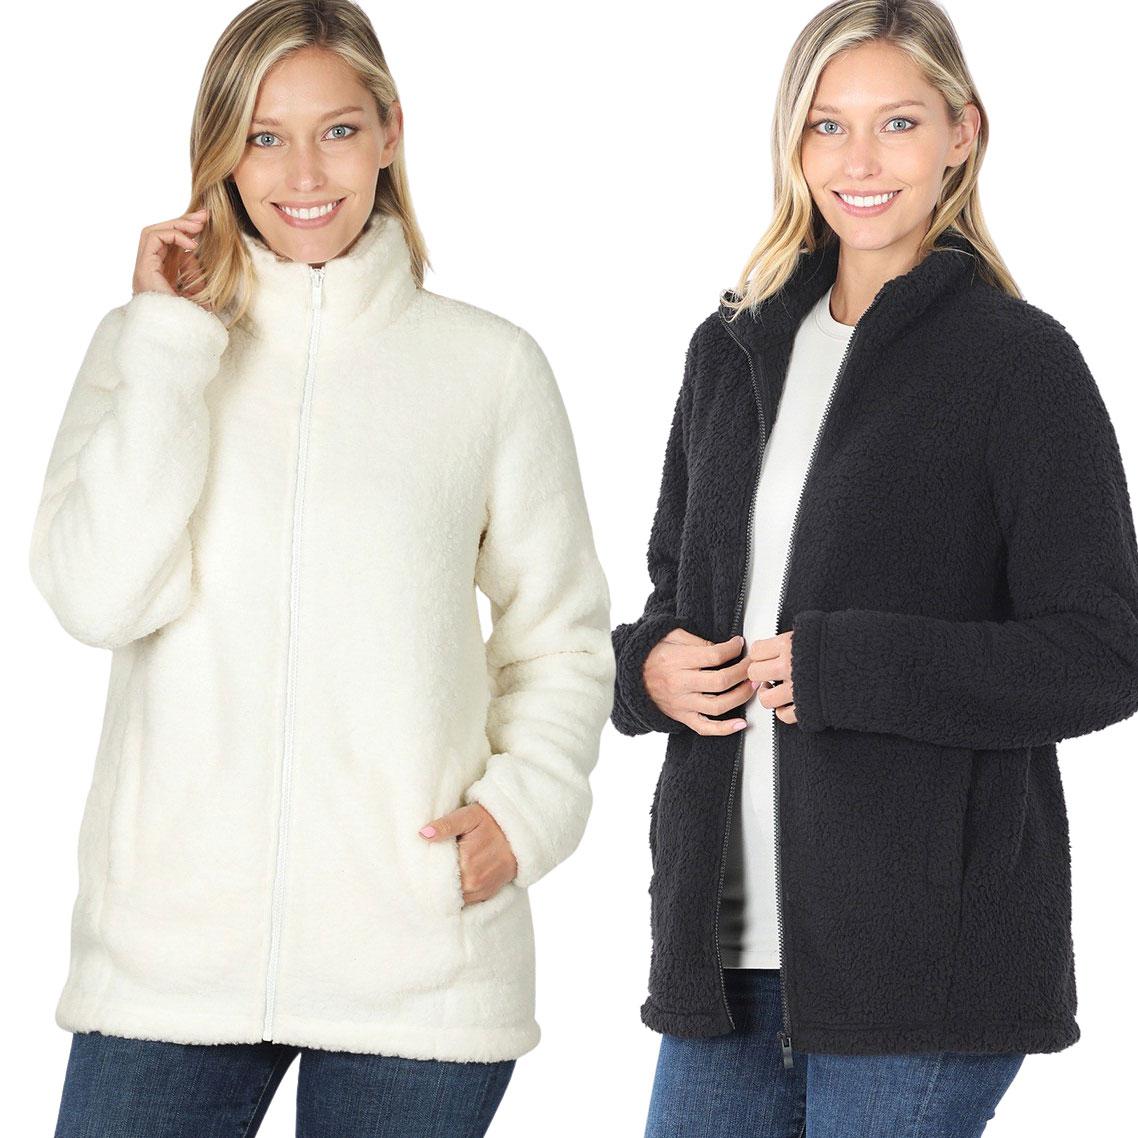 Jacket - Sherpa Zipper Front w/Pockets 2827